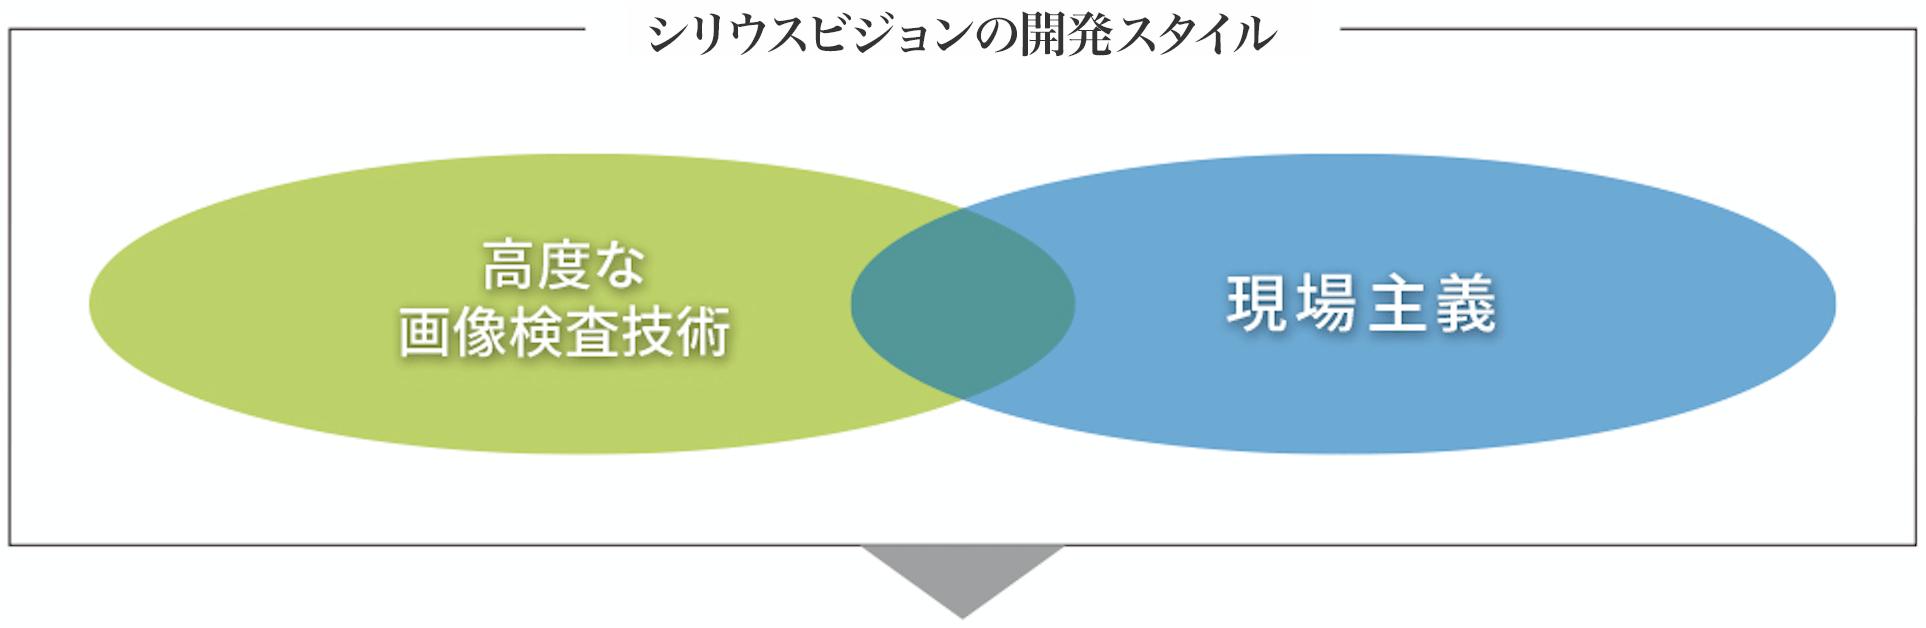 シリウスビジョンの開発スタイル